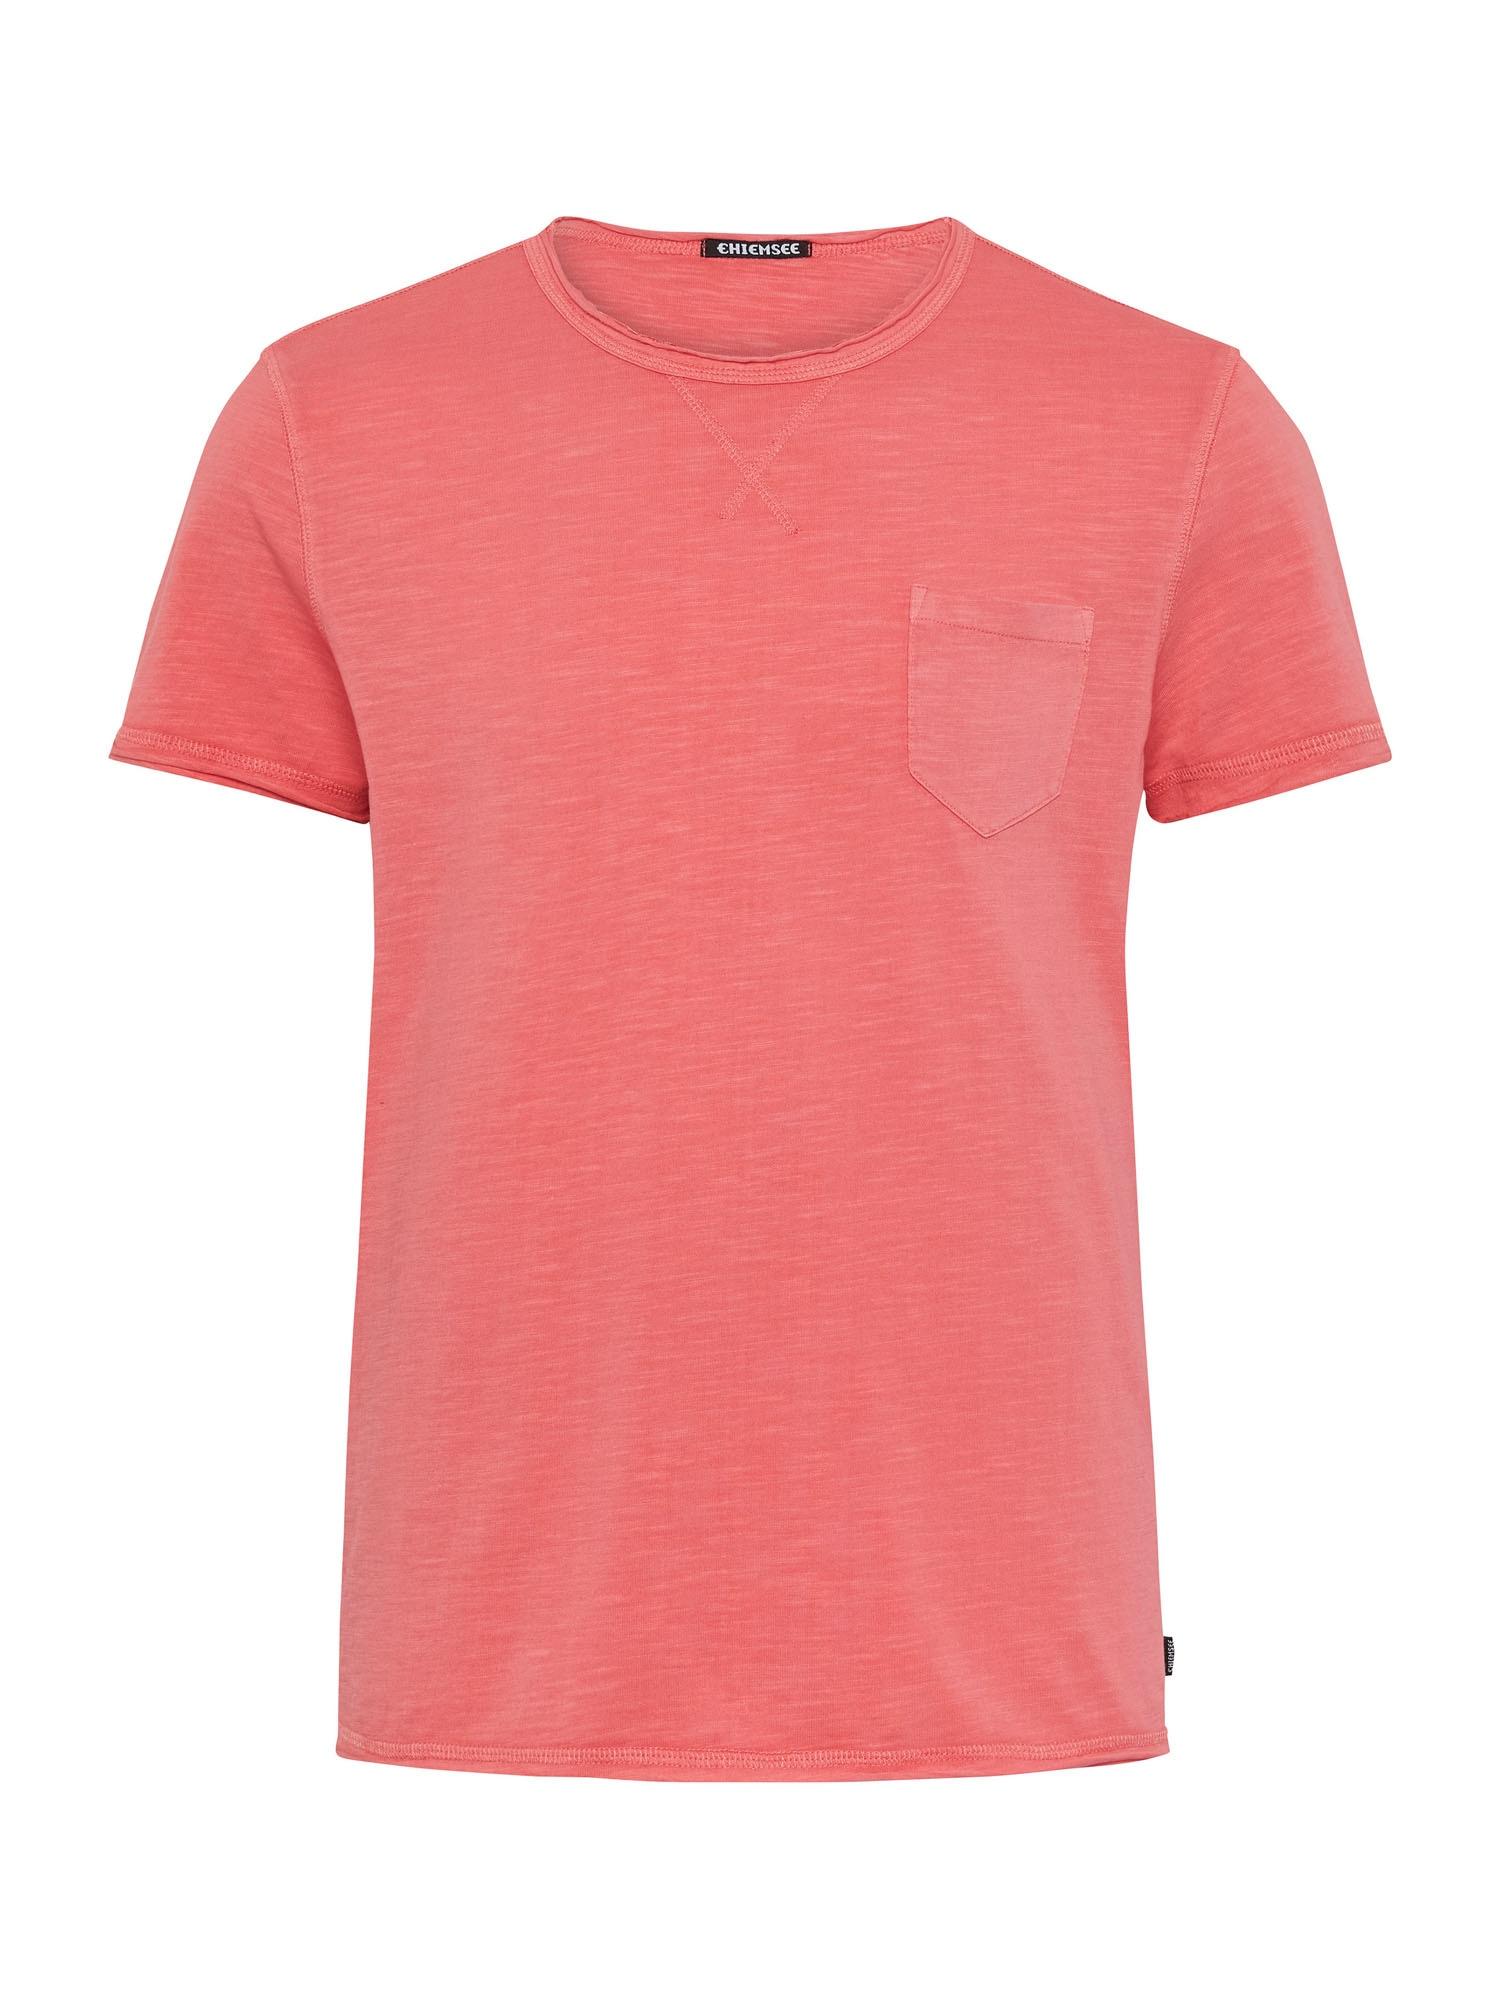 CHIEMSEE Marškinėliai rožinė